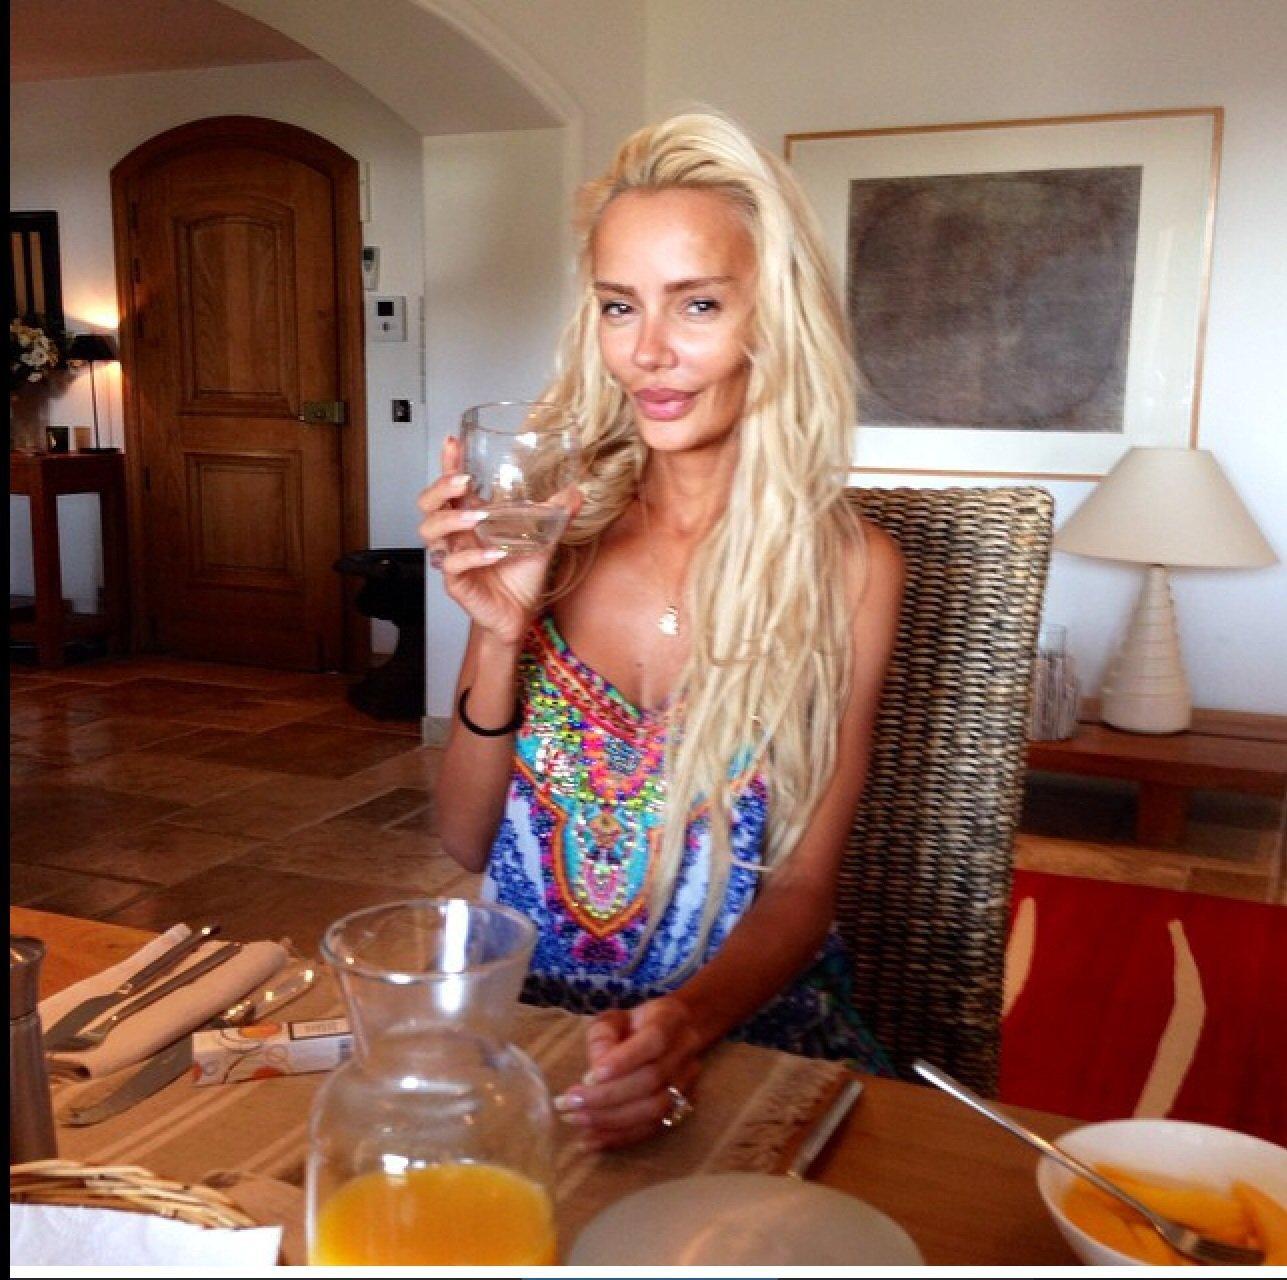 Жена русская фото